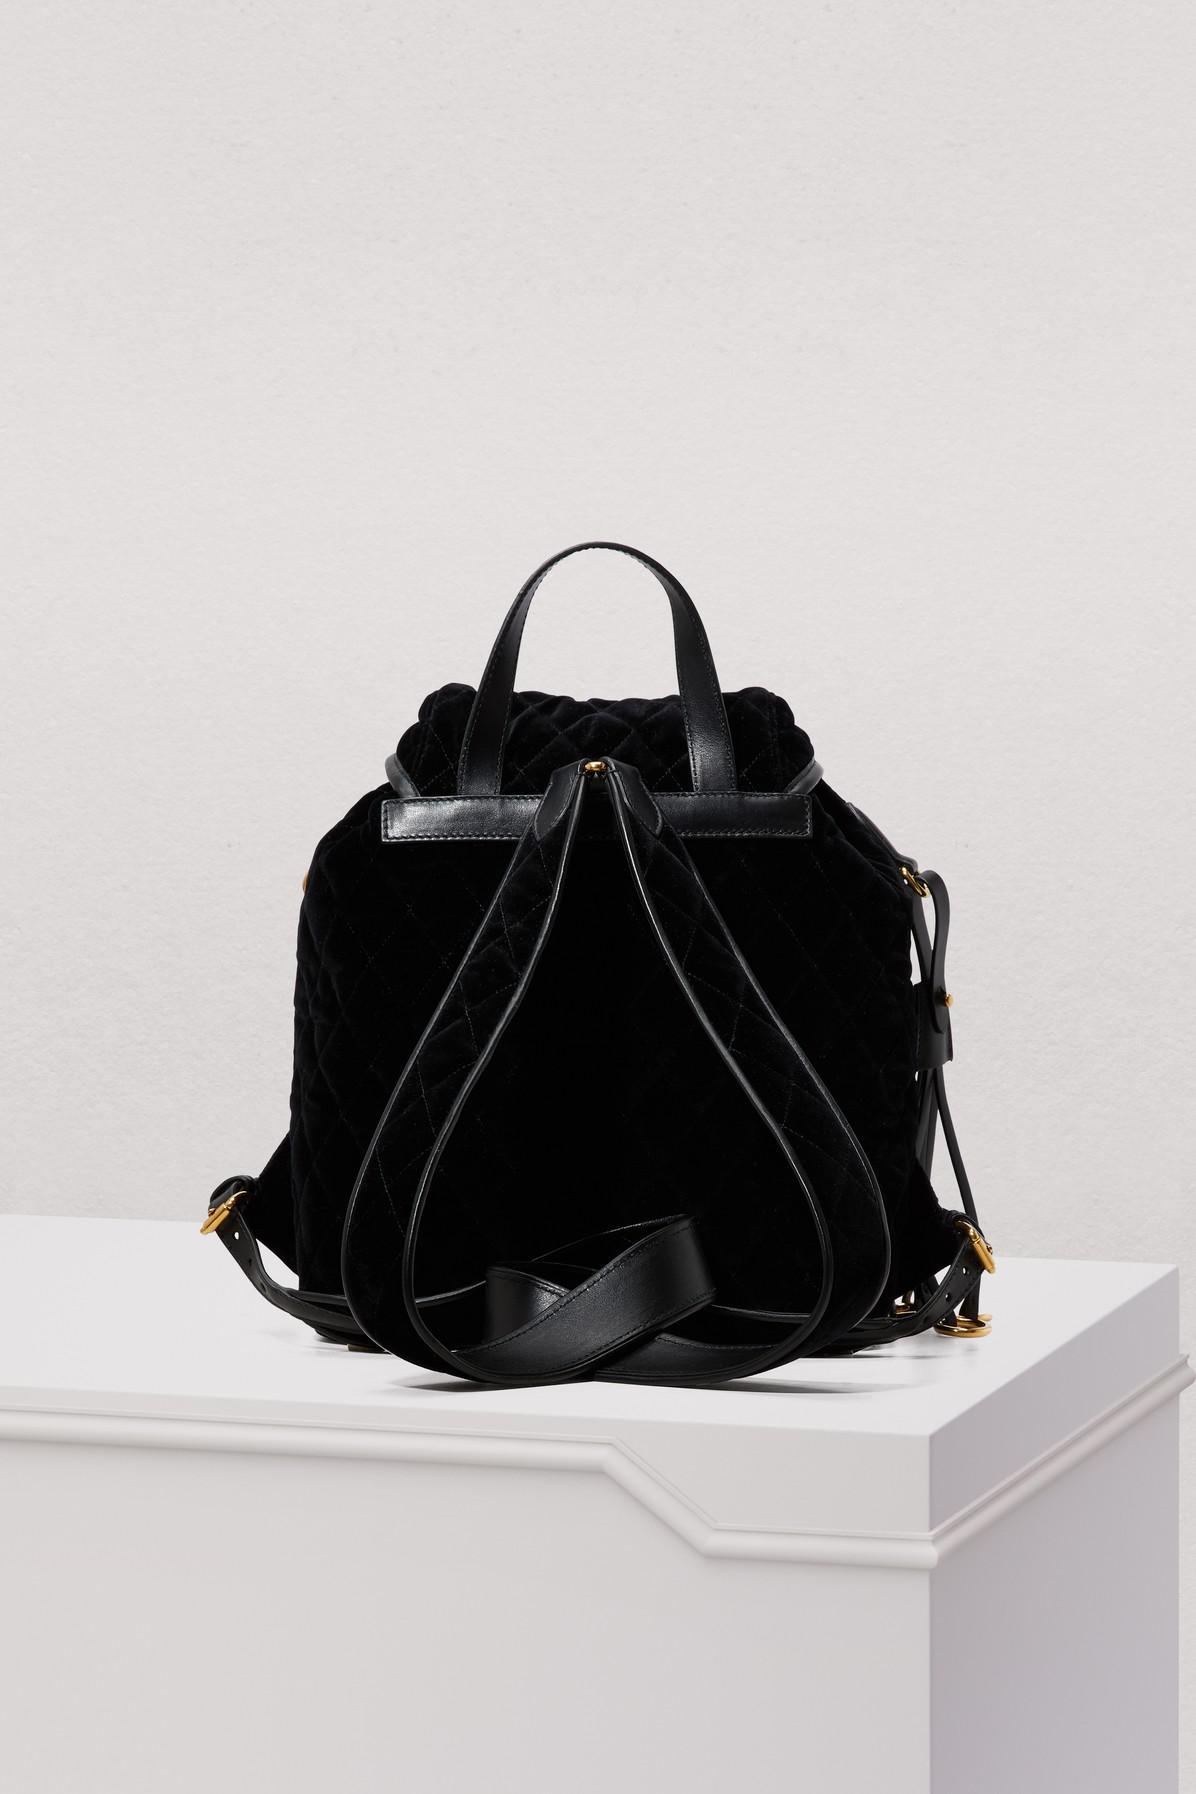 bde26c565e5b Prada Velvet Backpack in Black - Lyst